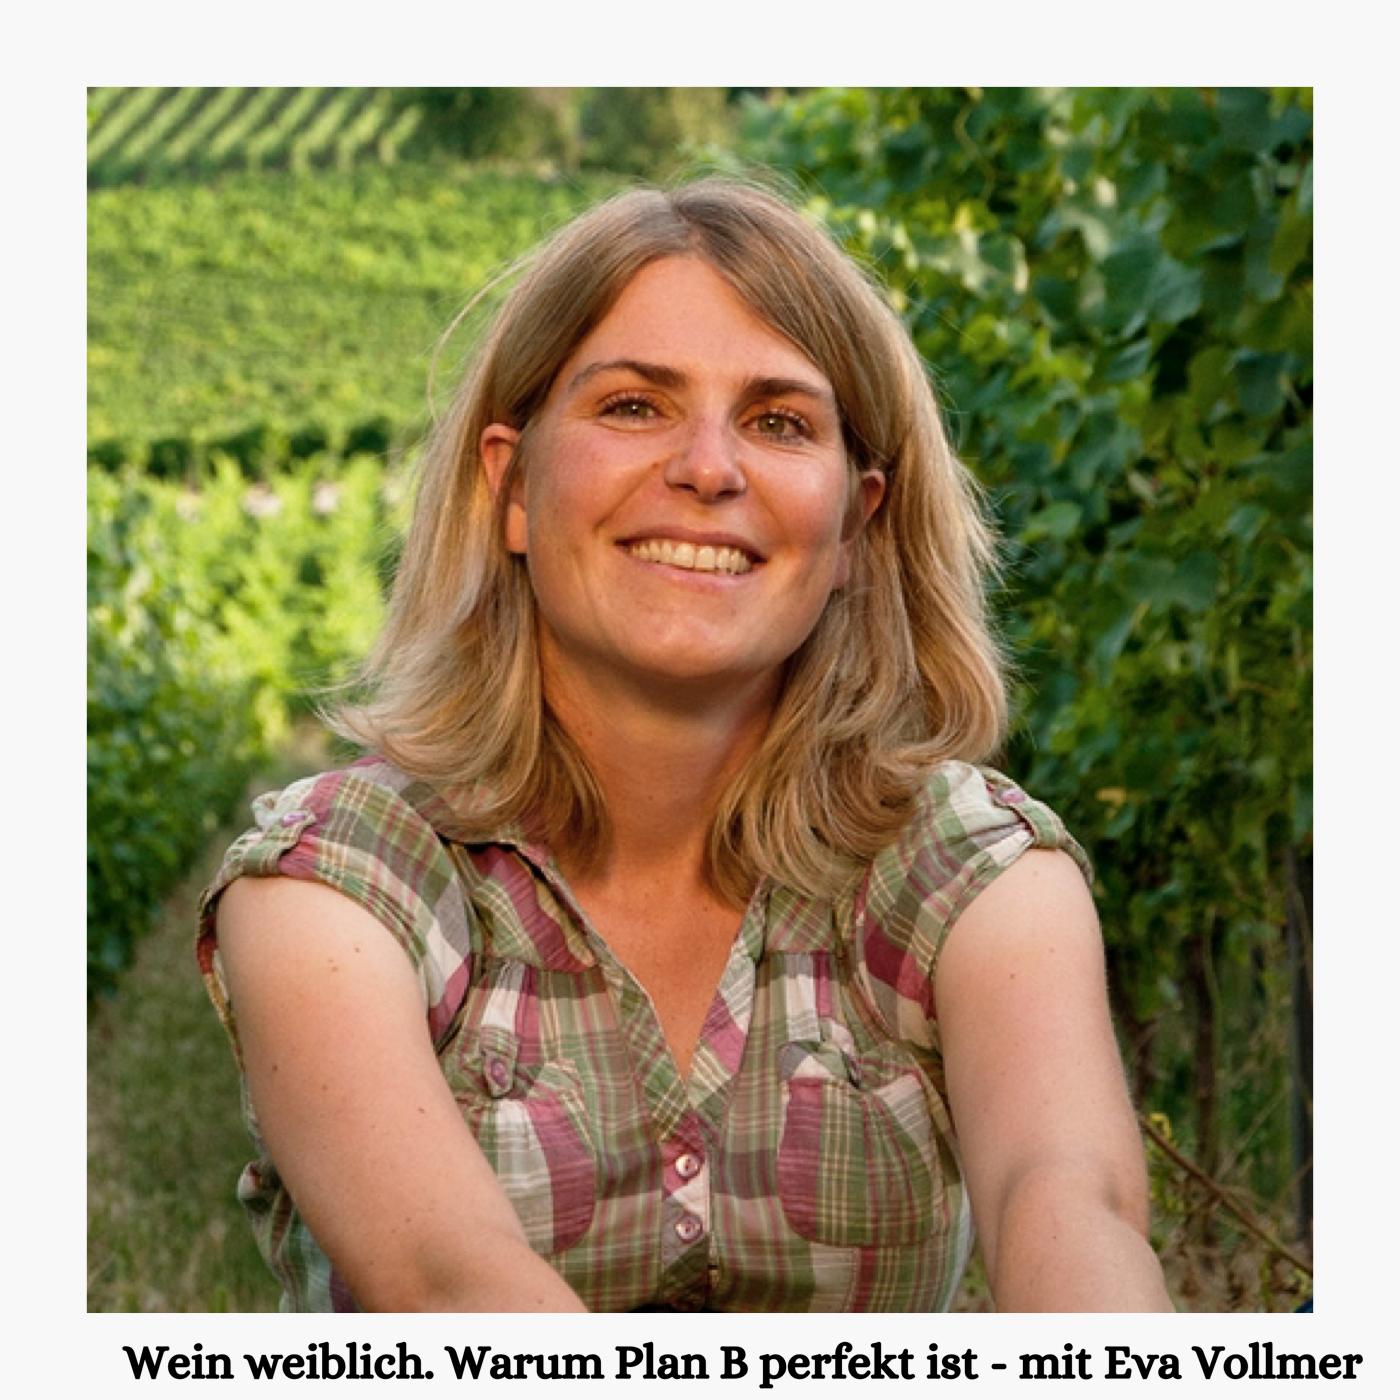 Wein weiblich - Warum Plan B perfekt ist - mot Eva Vollmer Freimachen bitte Podcast